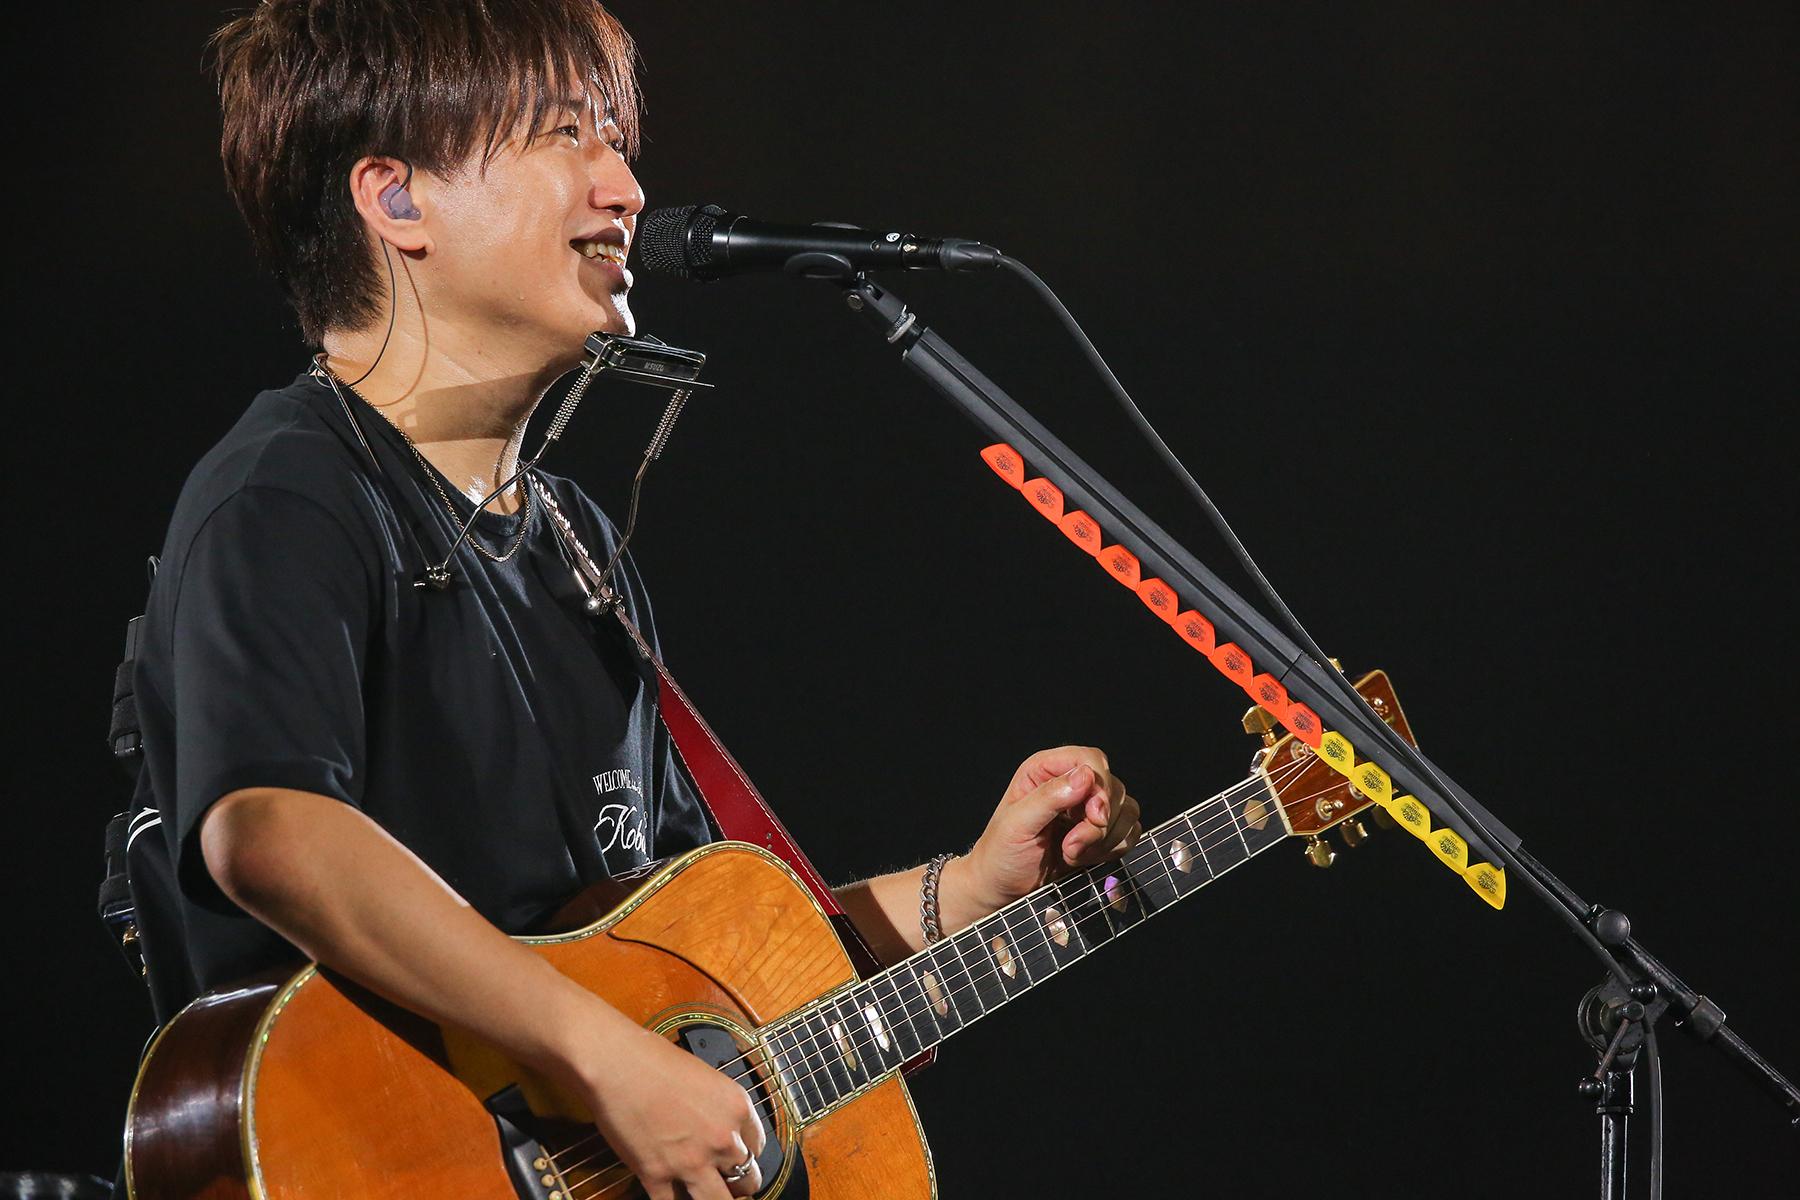 主唱黑田俊介與吉他手小渕健太郎(本圖)去年在出道日9月8日當天,重回大阪天王寺Mio舉辦快閃演唱。